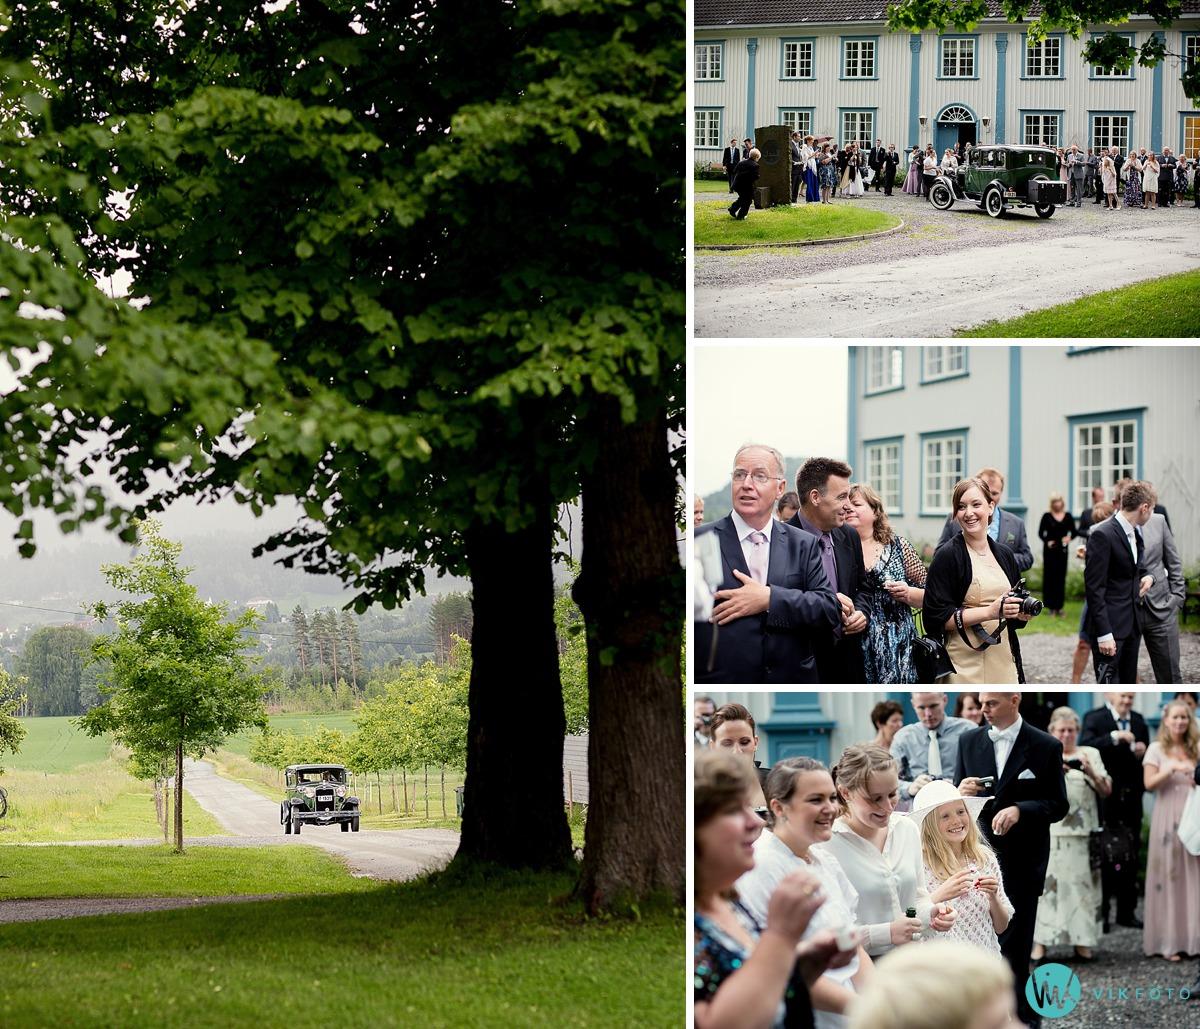 20-buskerud-landbruksskole-bryllup-collett.jpg